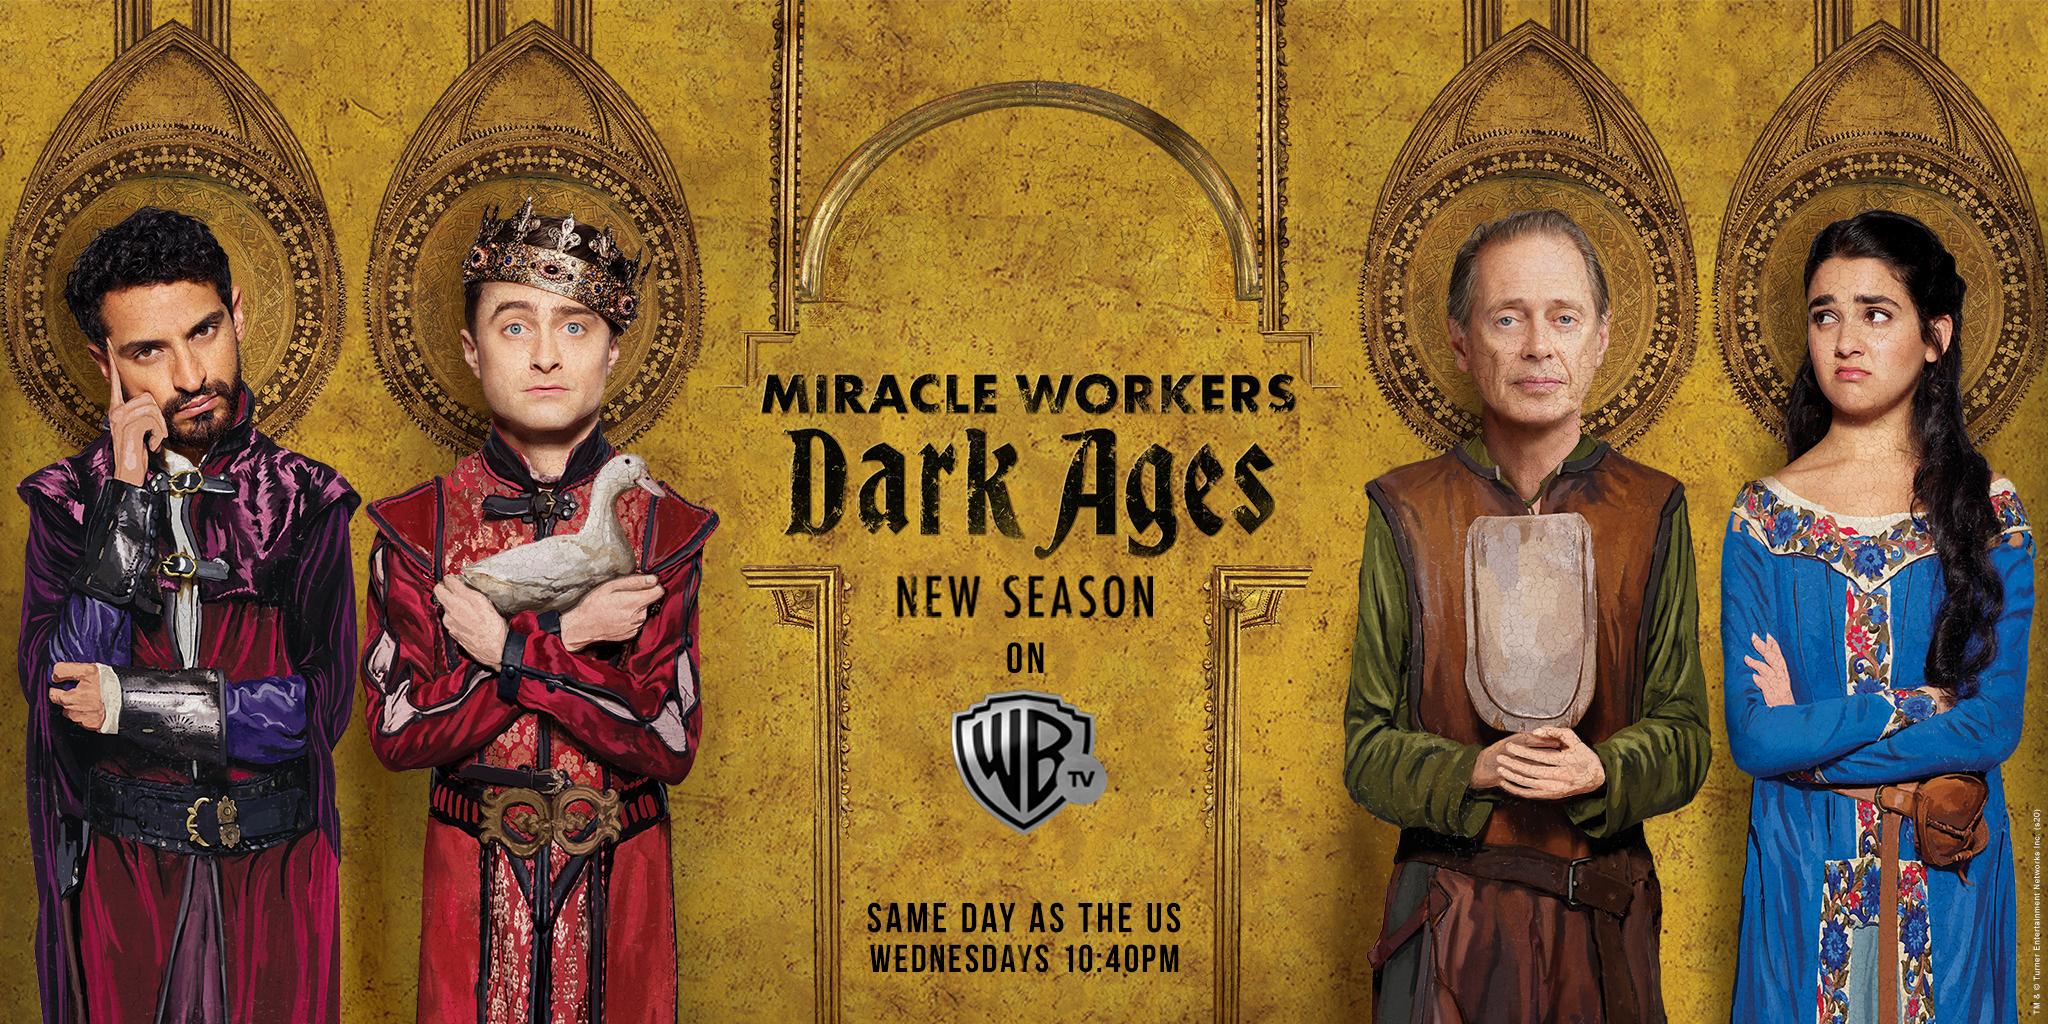 Warner TV's Miracle Workers' Season 2 premieres on January 29